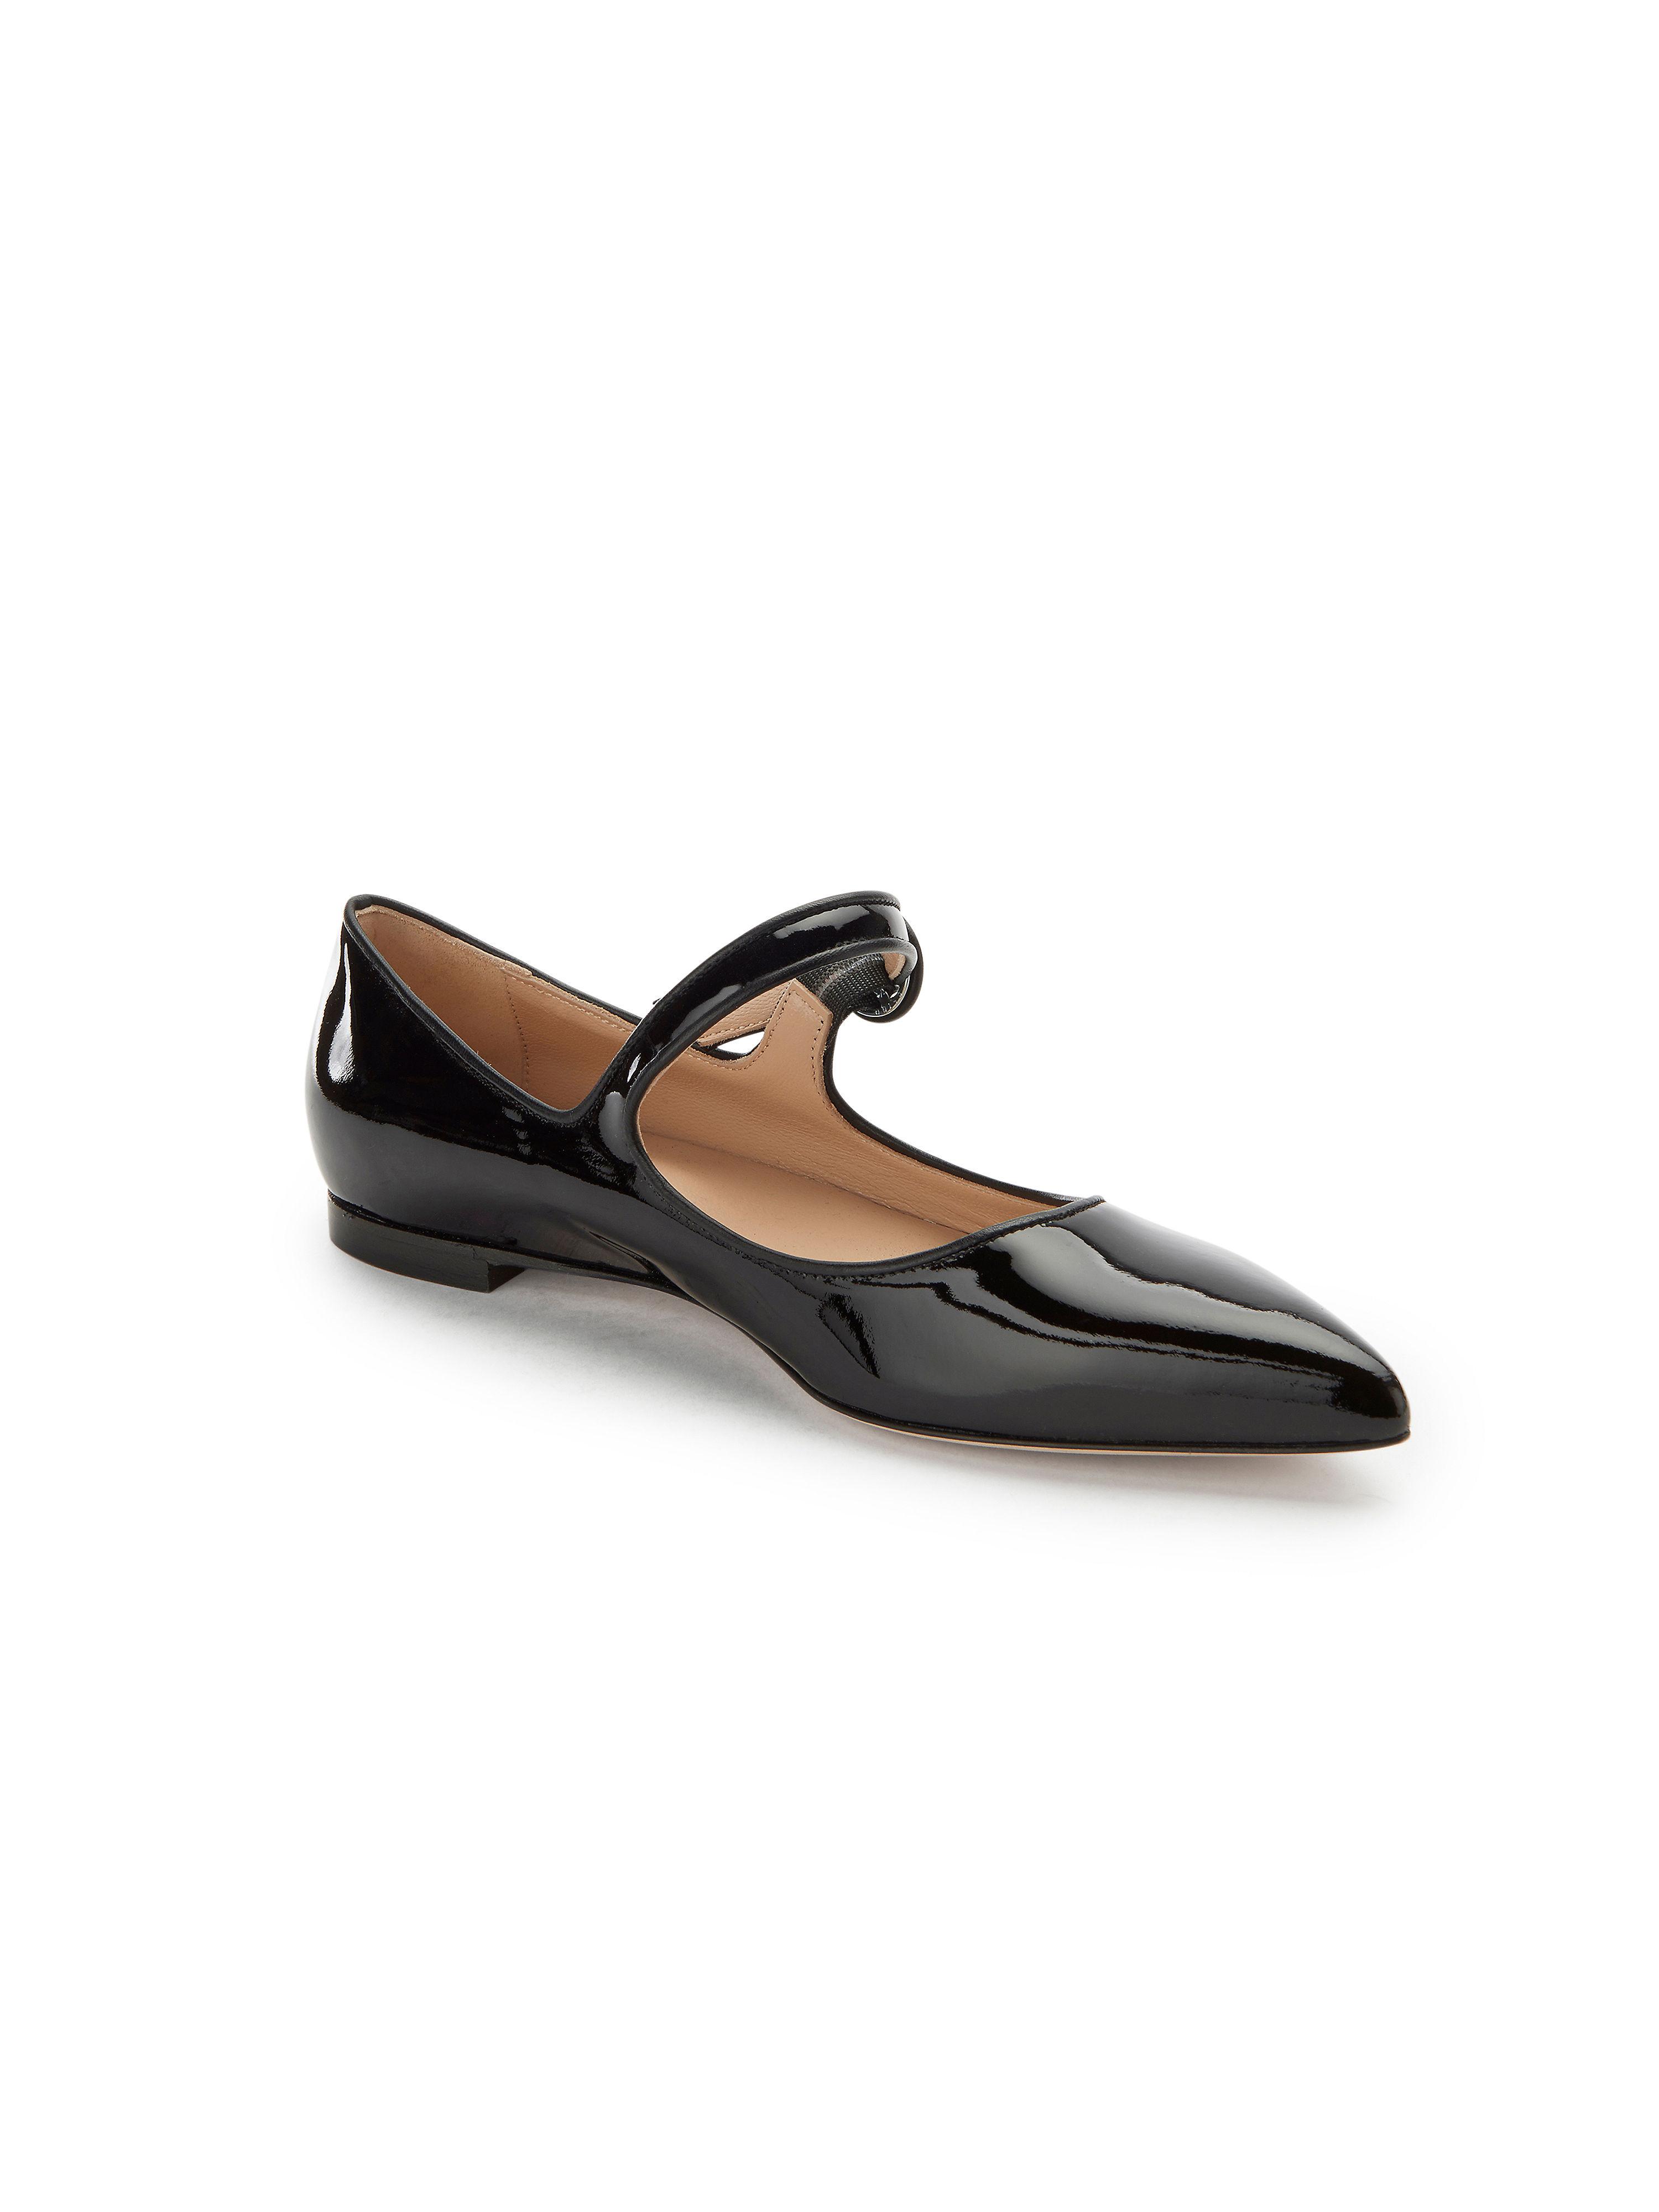 Uta Schwarz Raasch - Ballerina aus 100% Leder - Schwarz Uta Gute Qualität beliebte Schuhe 175ac5